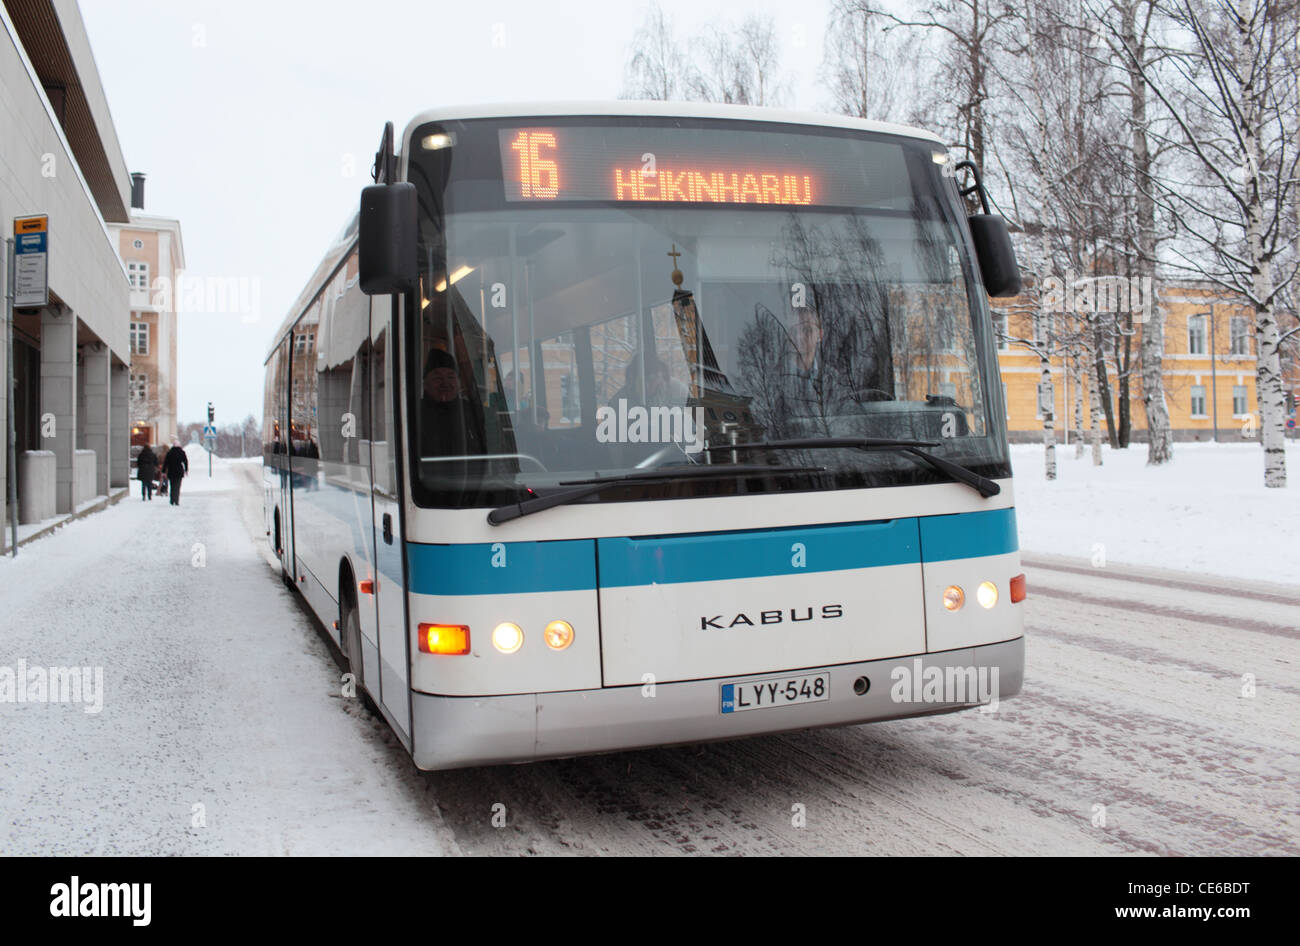 Public bus in Oulu, Finland - Stock Image